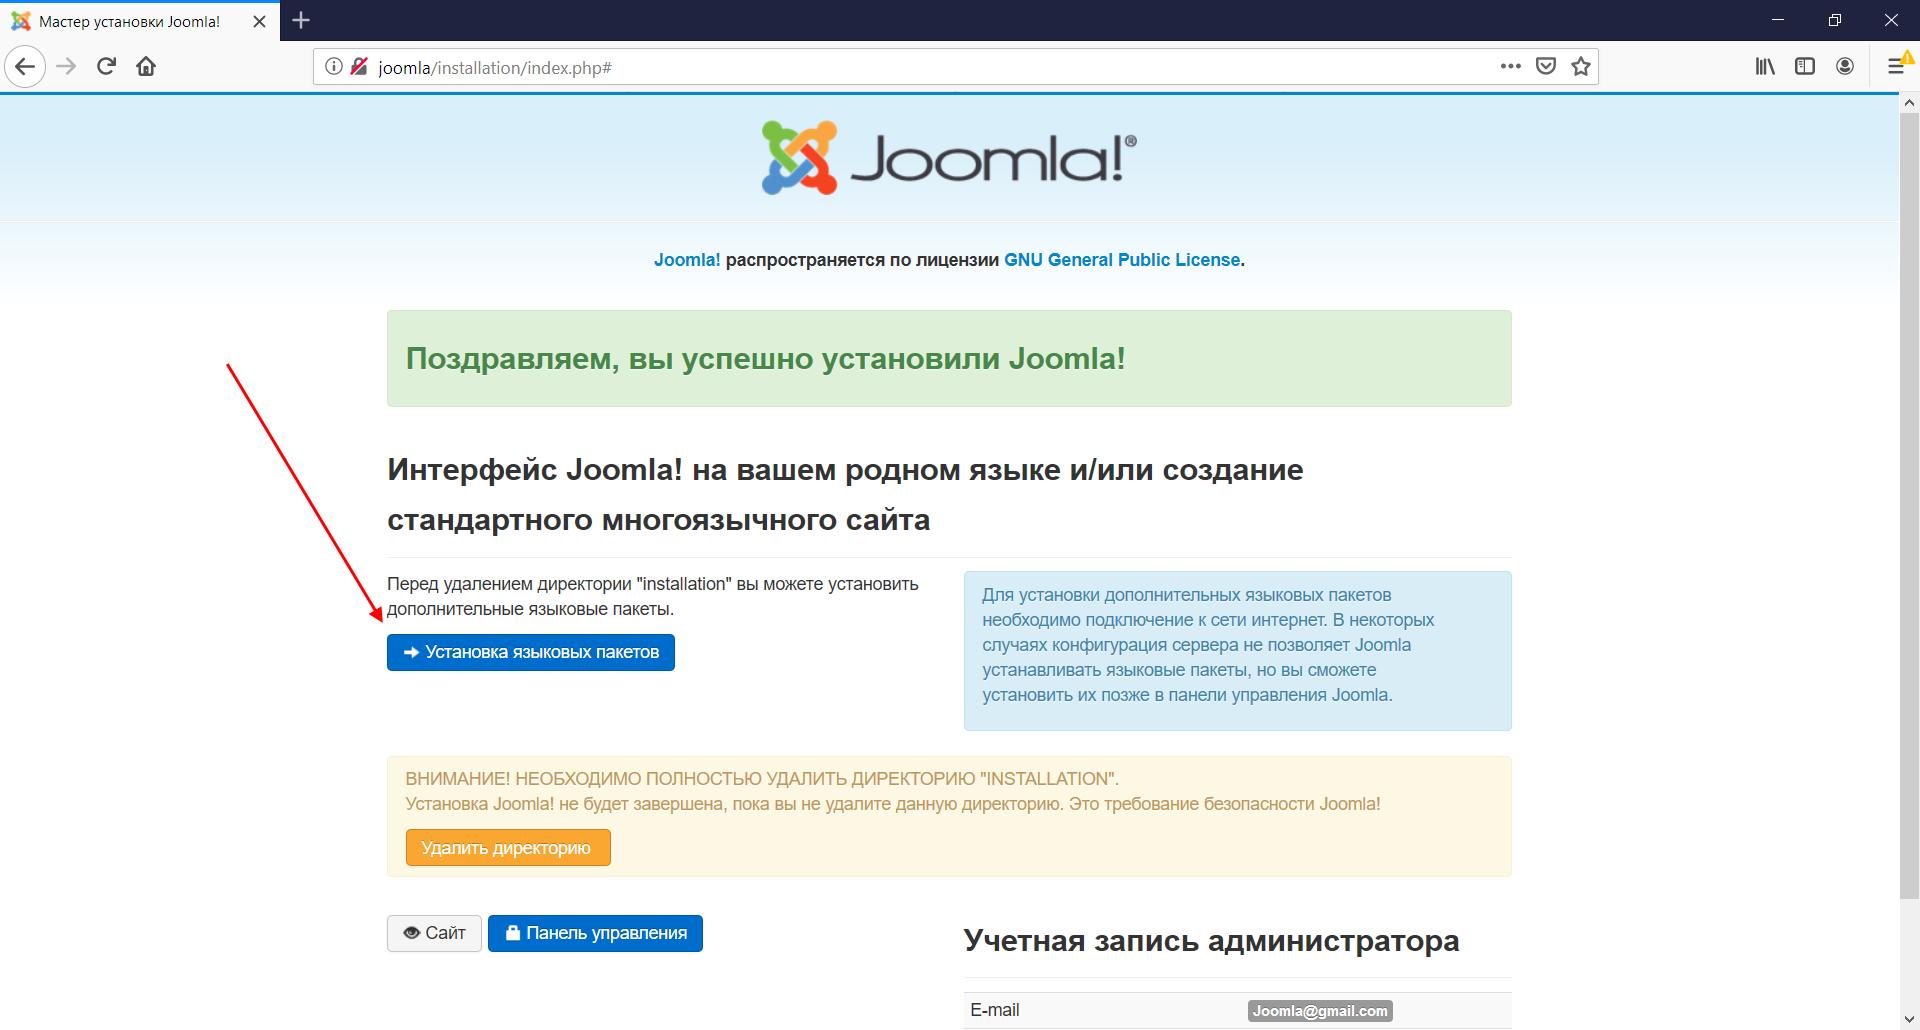 Как русифицировать Joomla